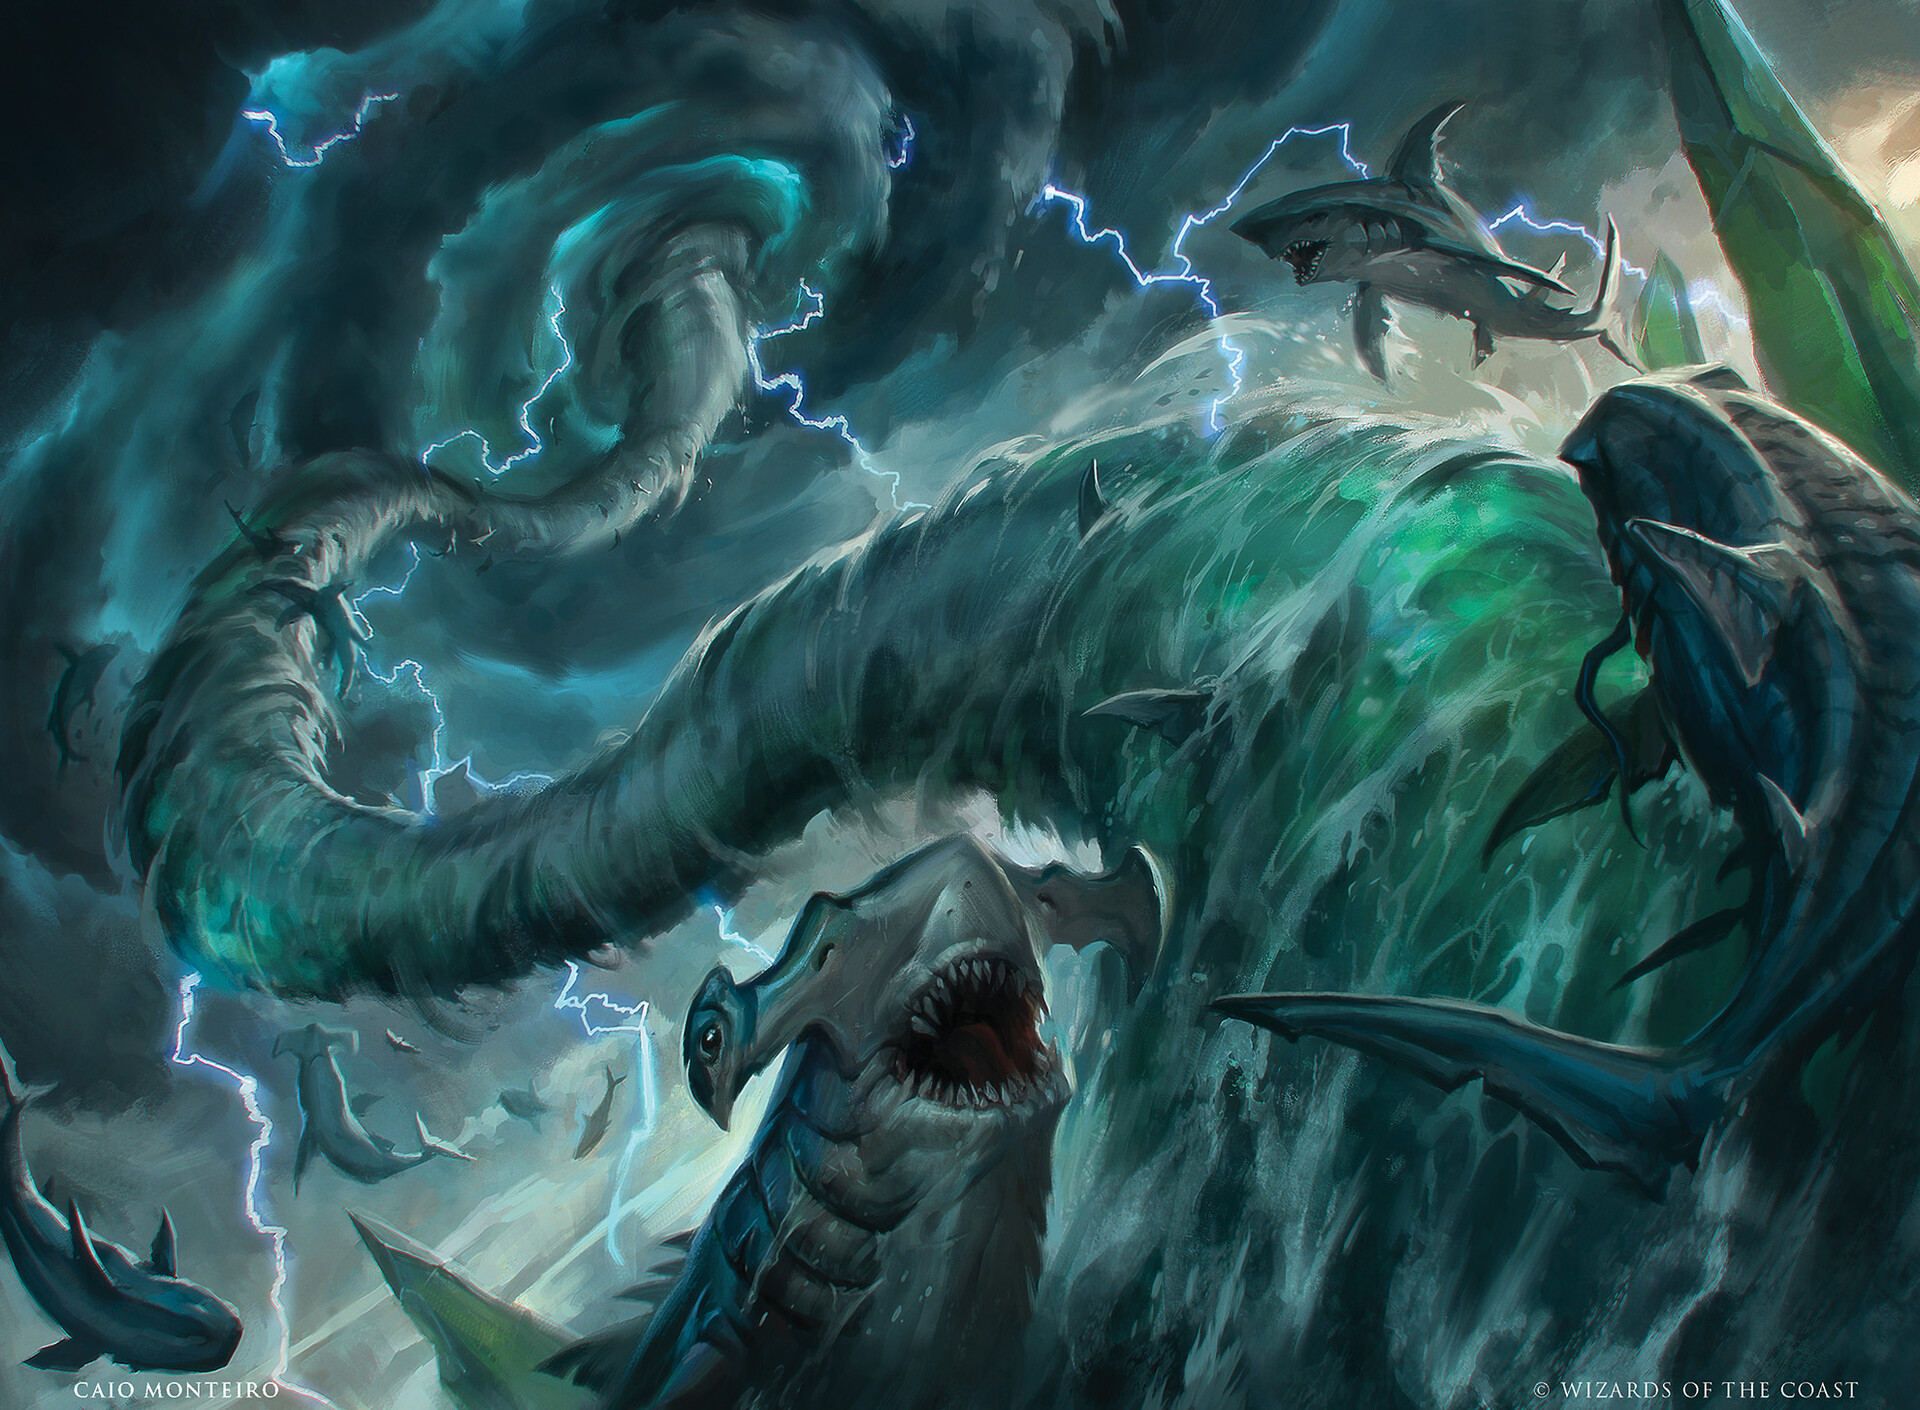 Shark Typhoon | Illustration by Caio Monteiro